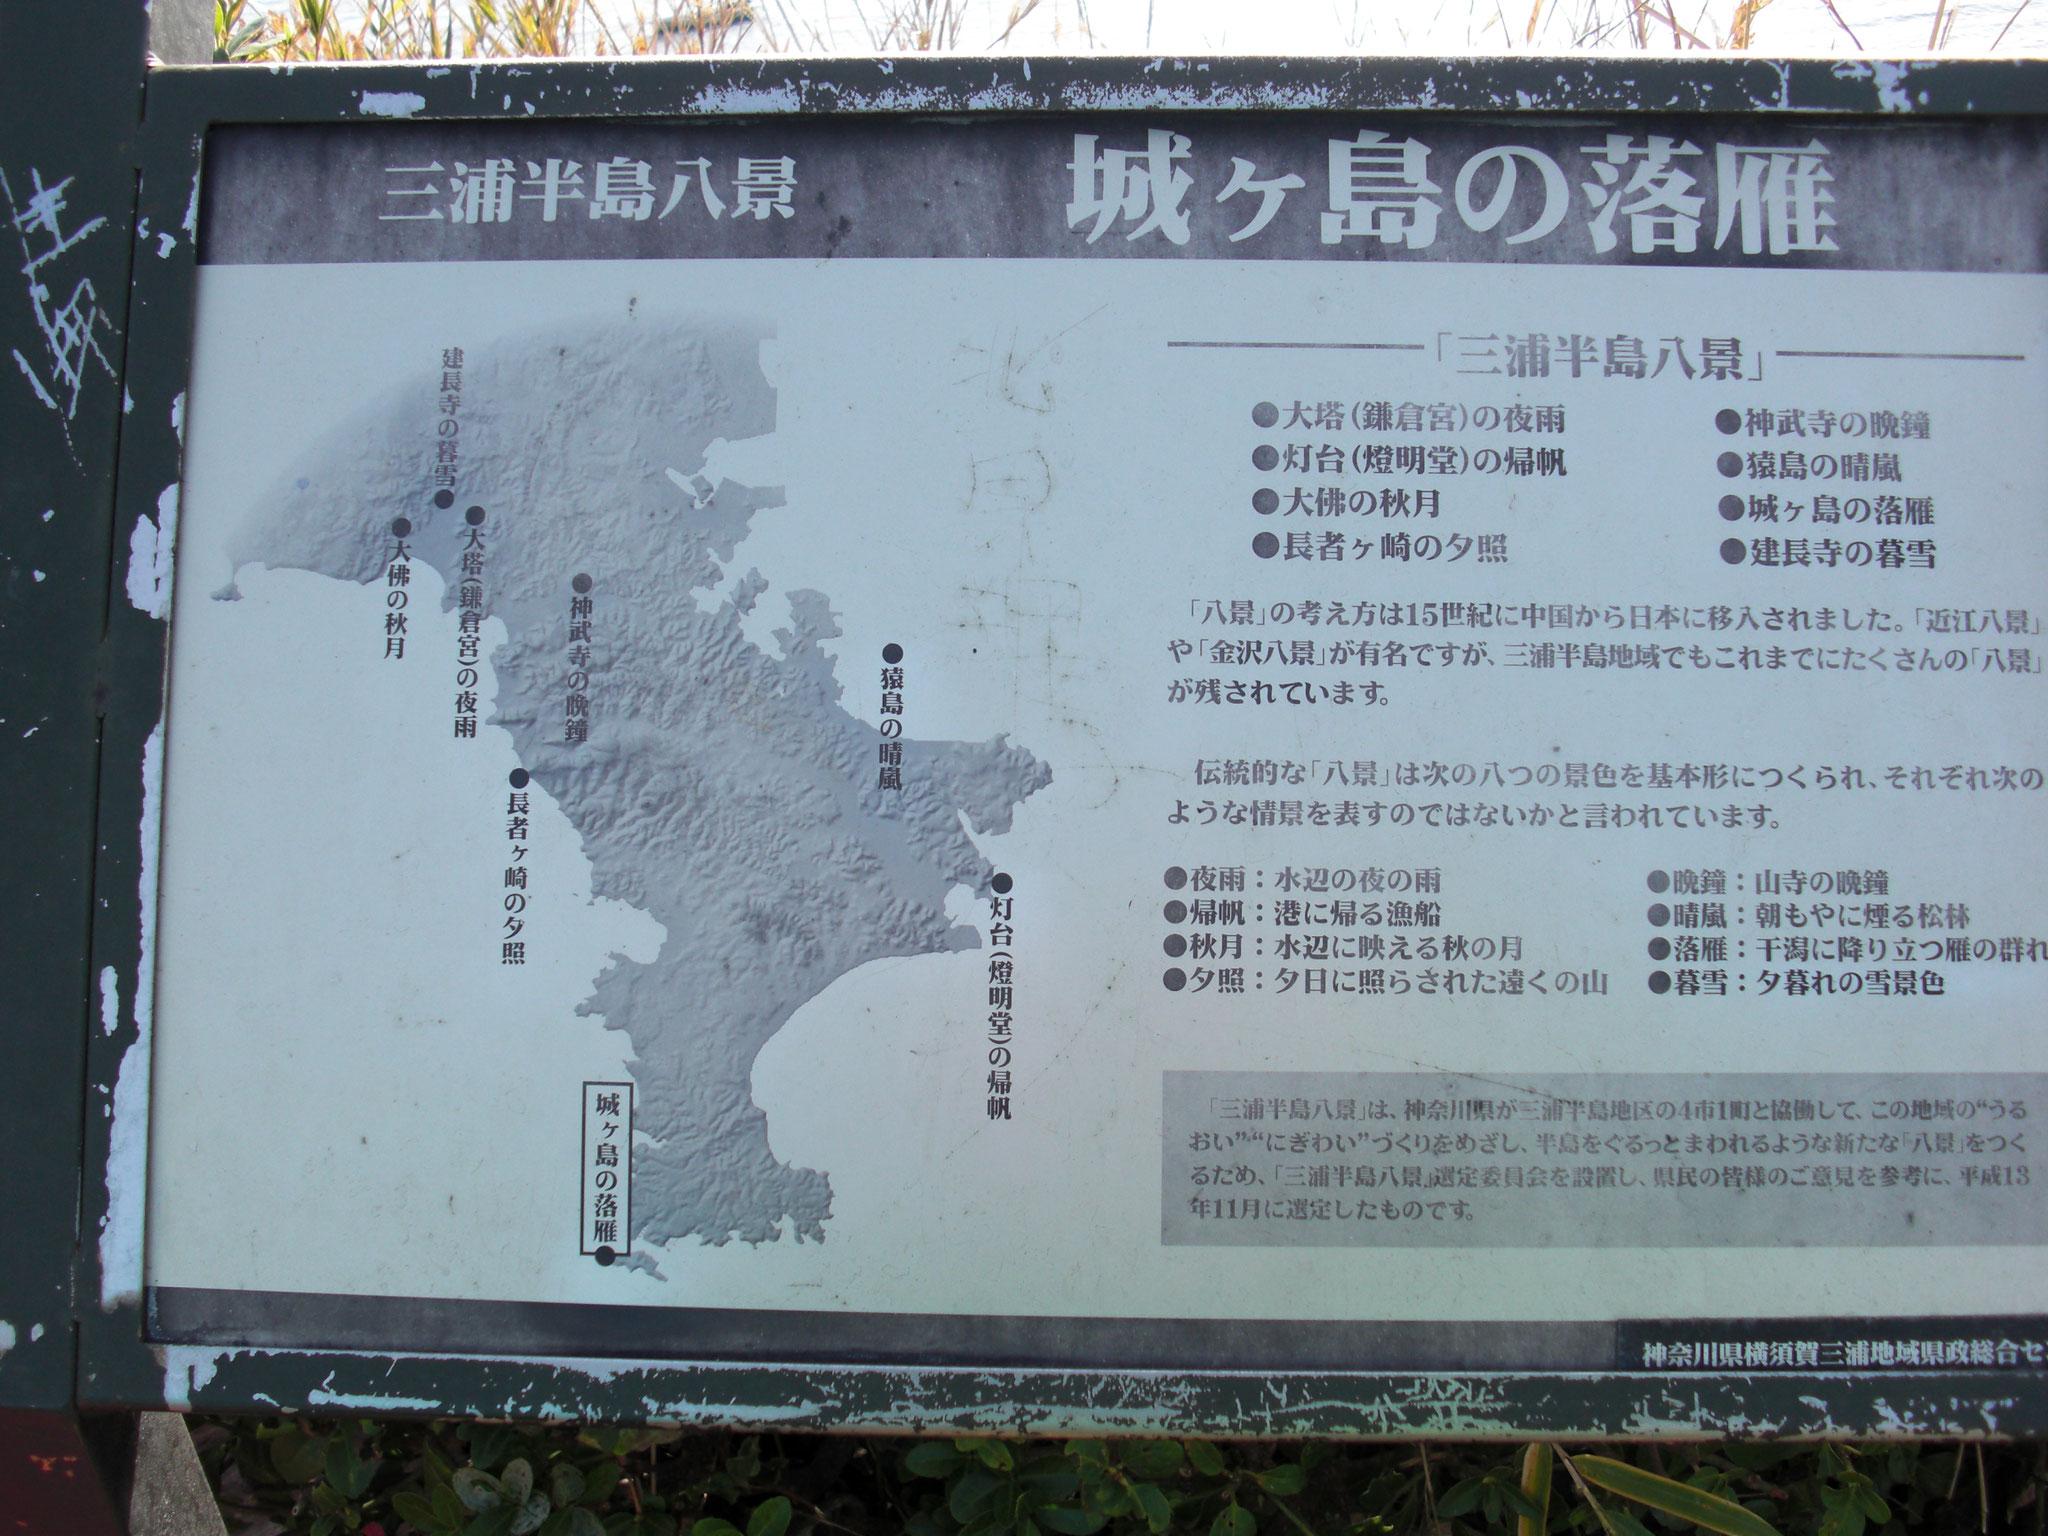 三浦半島八景「城ヶ島の落雁」